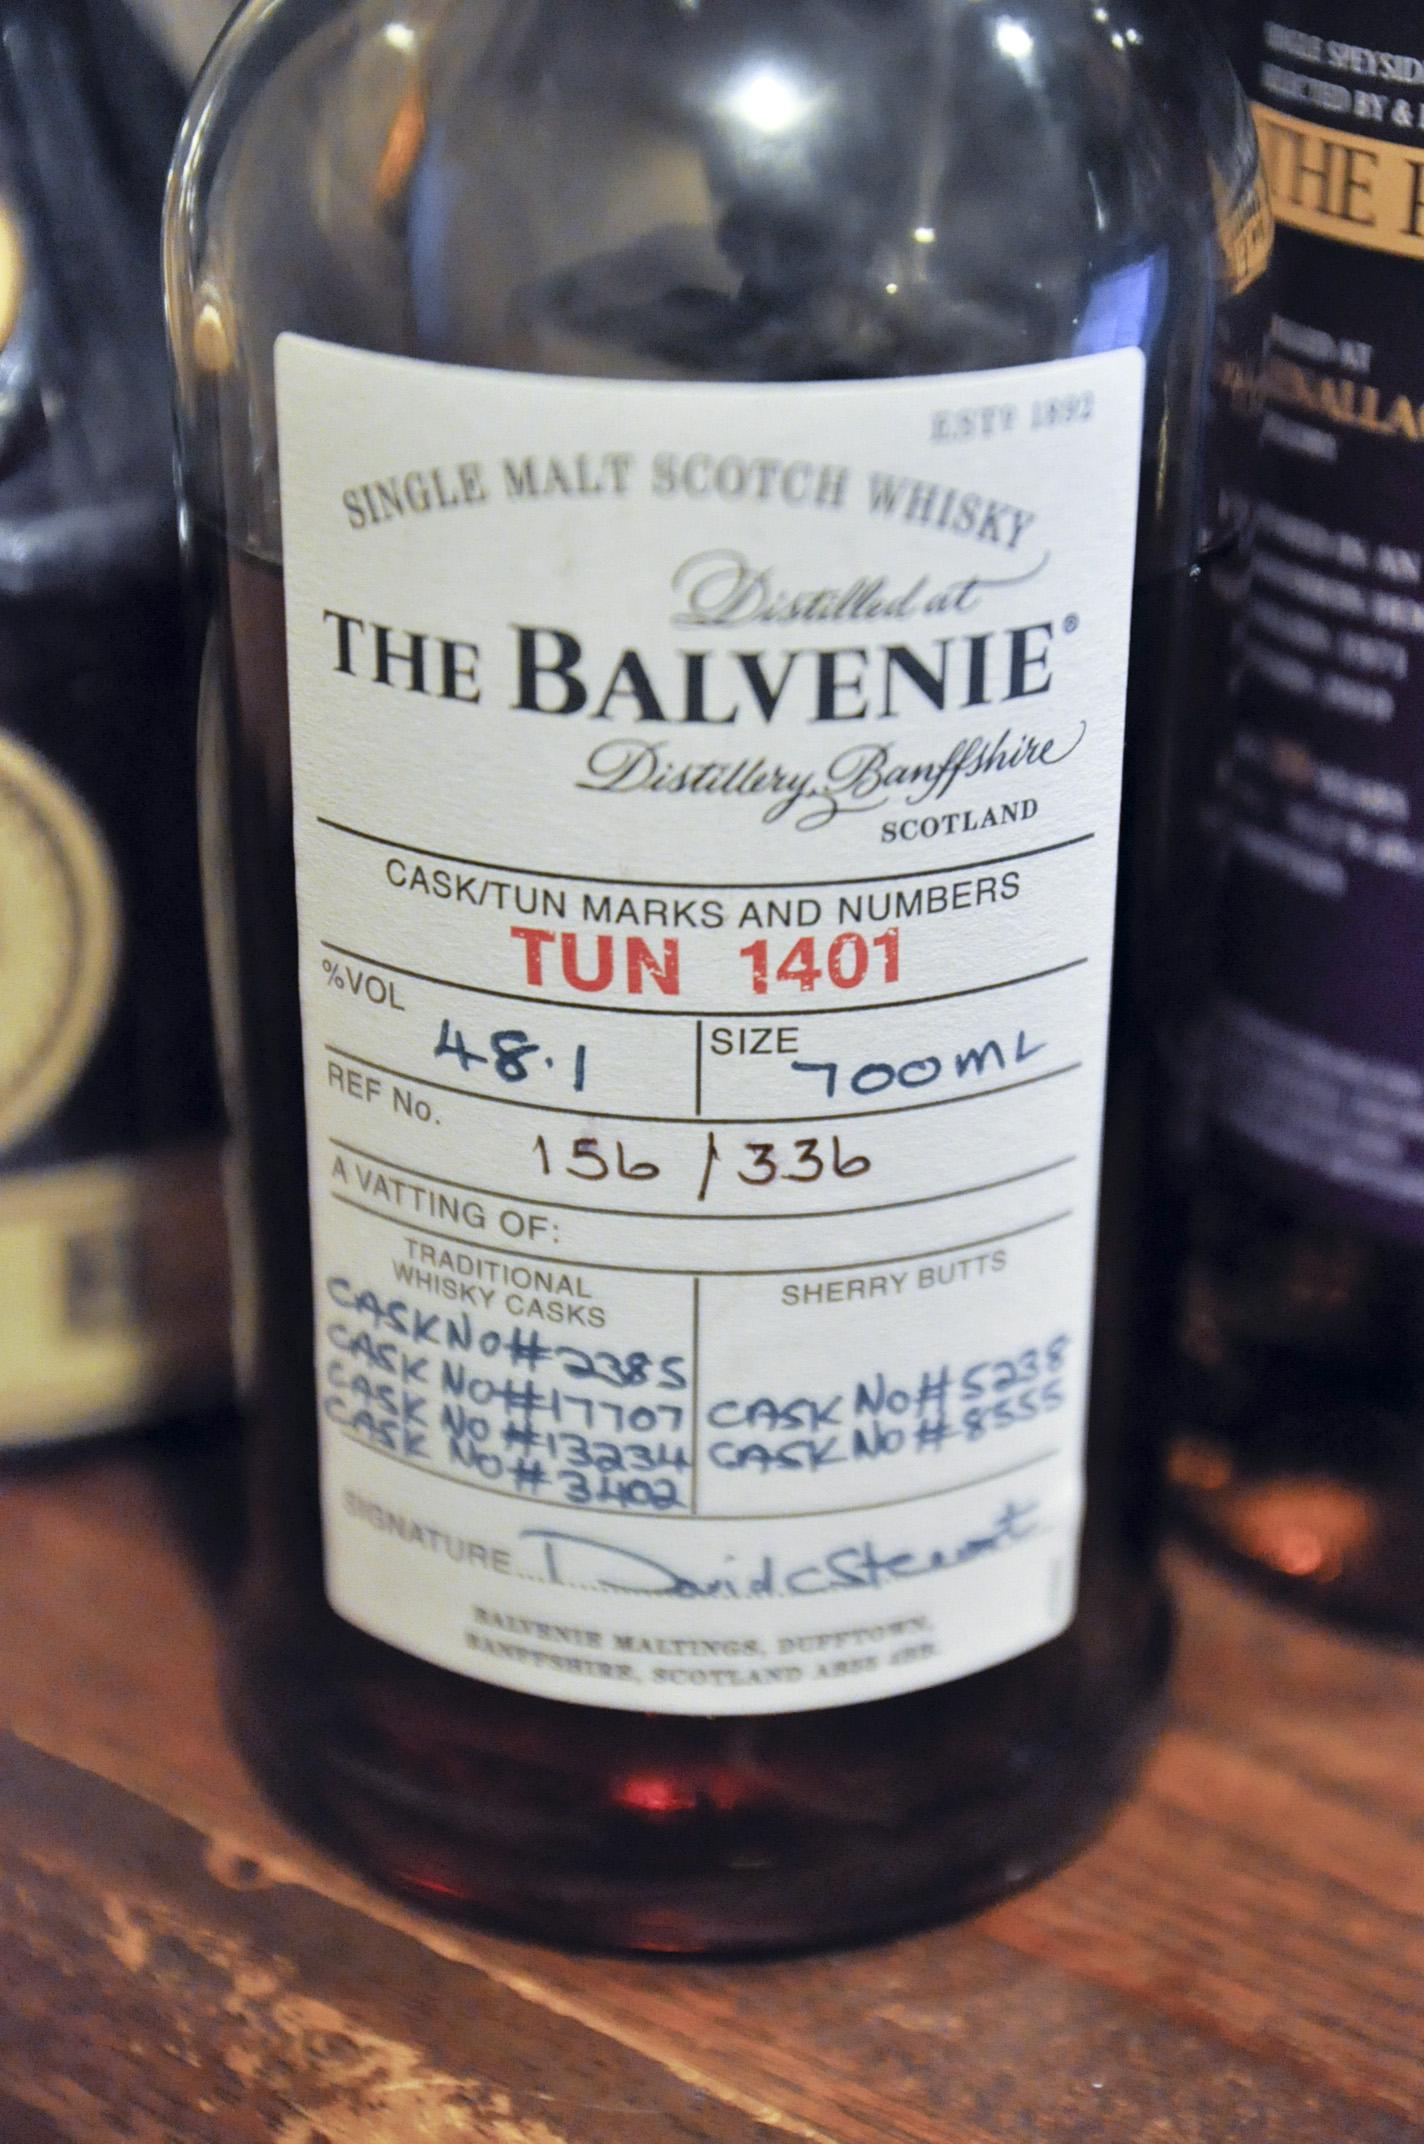 バルヴェニー Balvenie  'TUN1401' (48.1%, OB, batch1, Traditional Whisky Casks : C#2385, 17707, 13234, 3402, Sherry Butts : C#5238, 8555, 156/336btls)